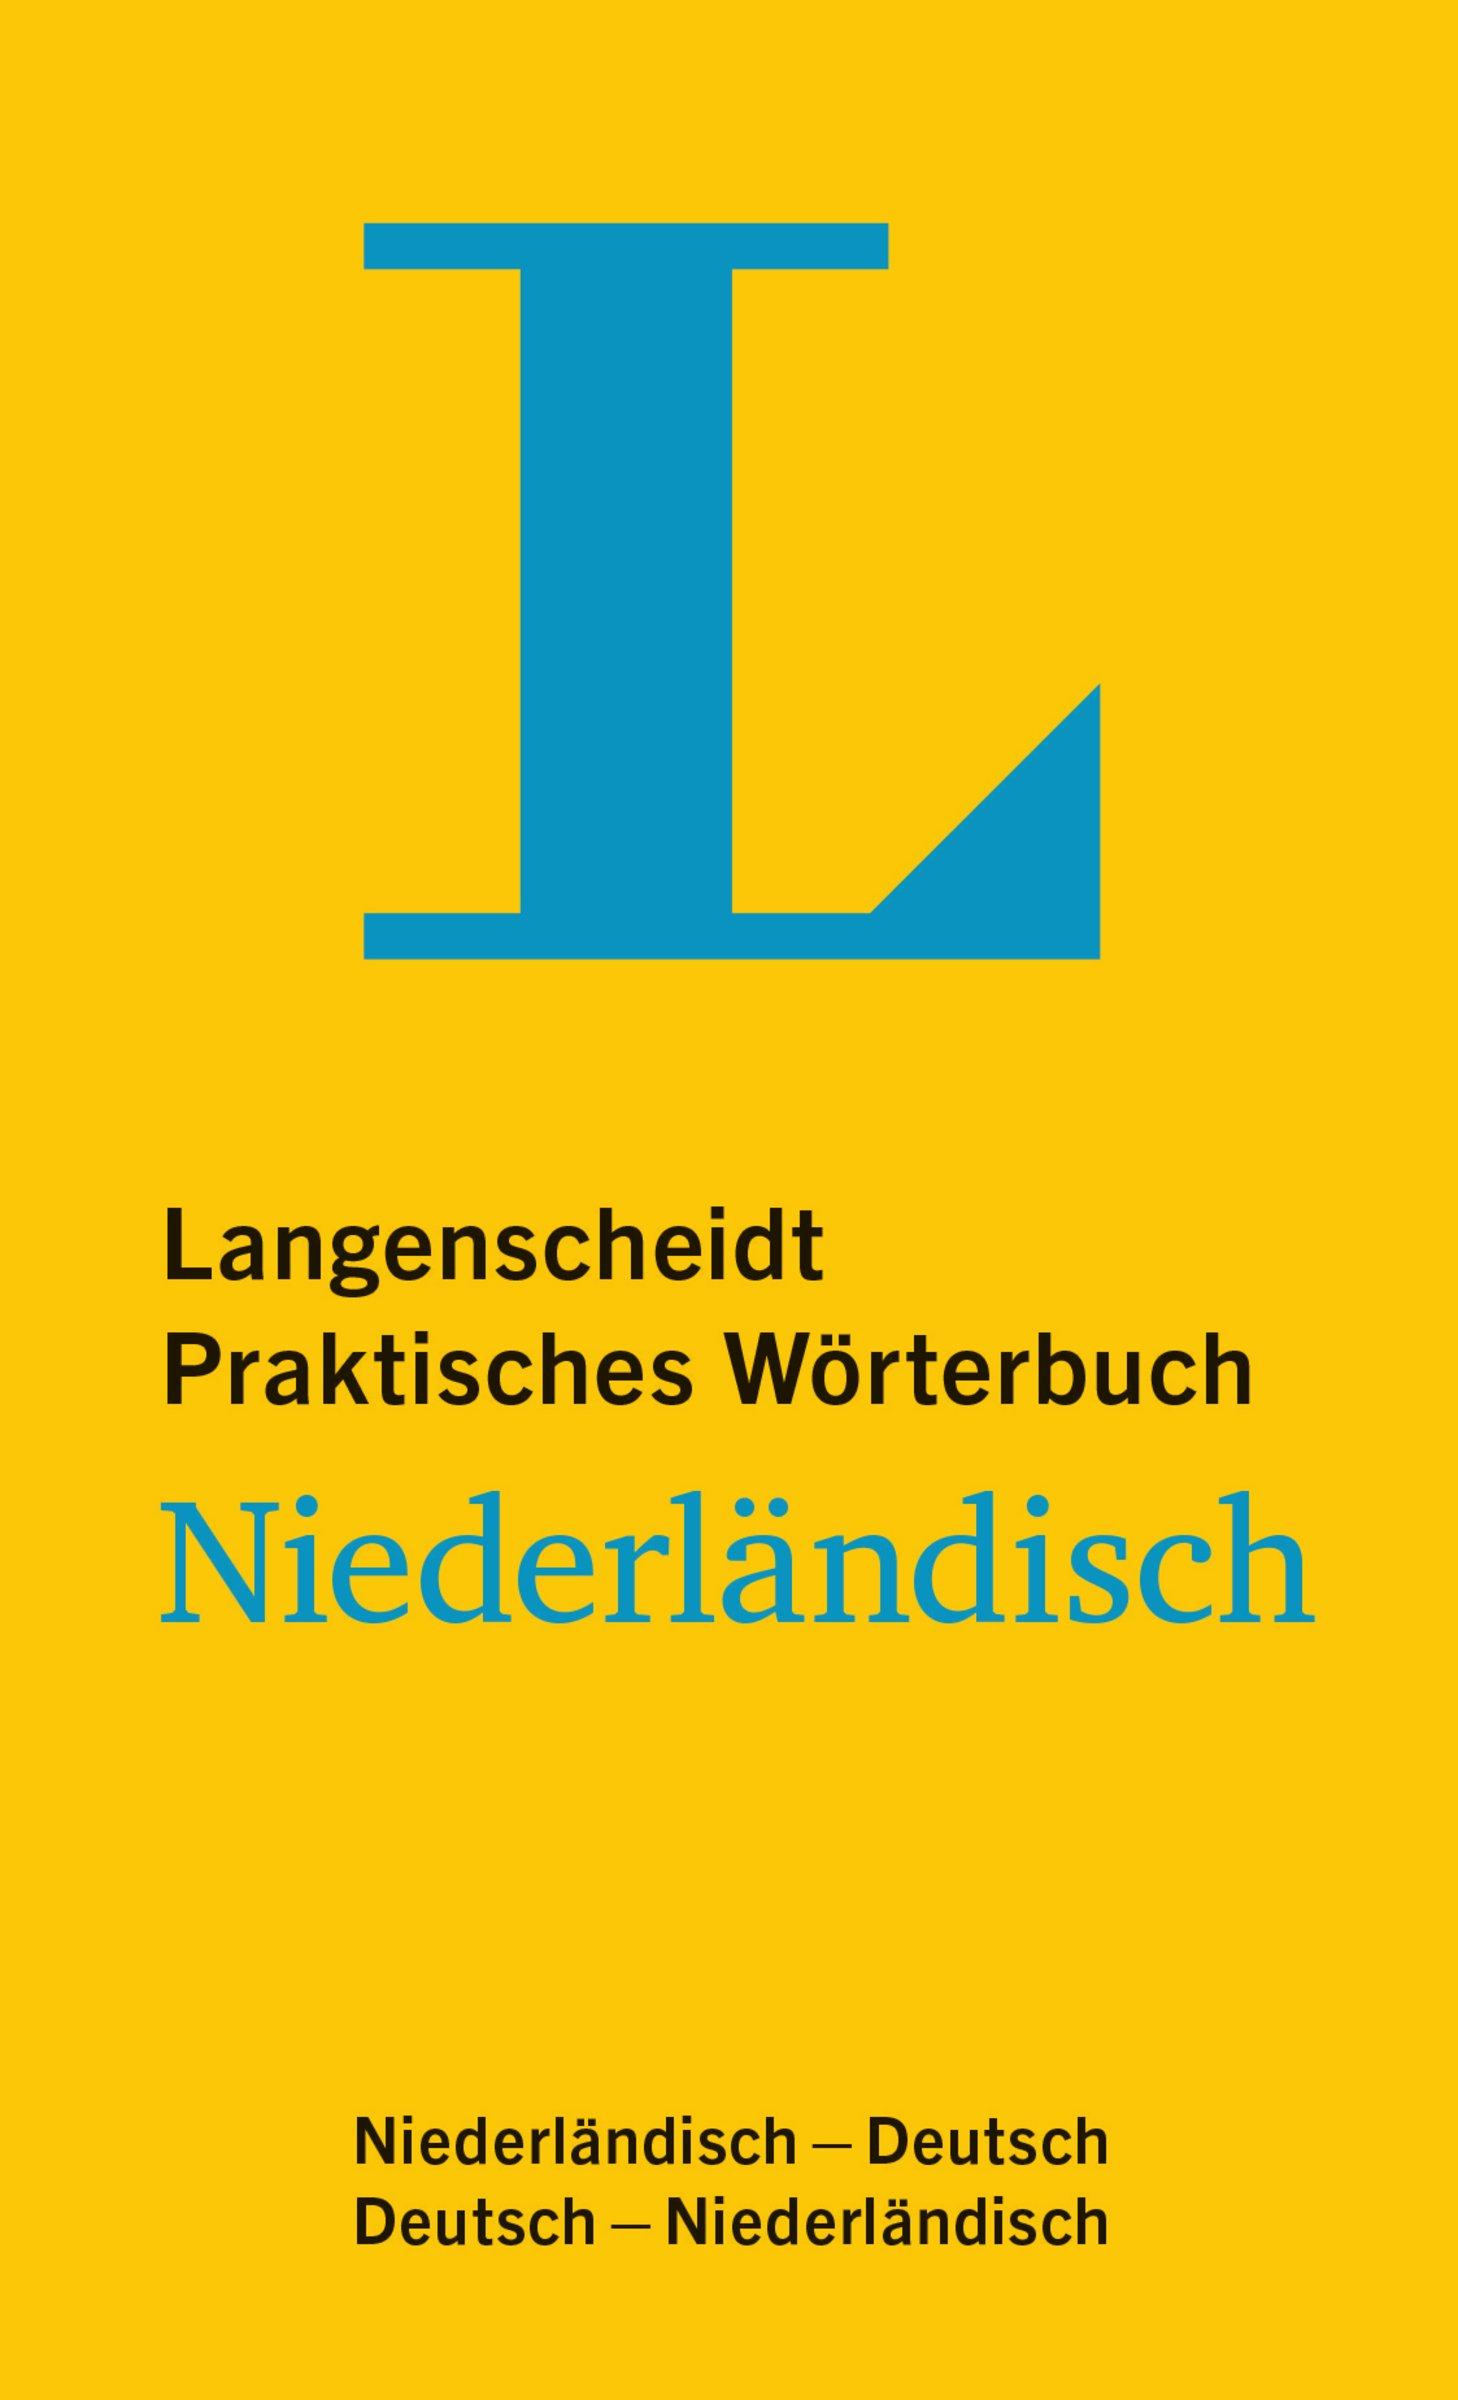 Langenscheidt Praktisches Wörterbuch Niederländisch   Für Alltag Und Reise  Niederländisch Deutsch Deutsch Niederländisch  Langenscheidt Praktische Wörterbücher